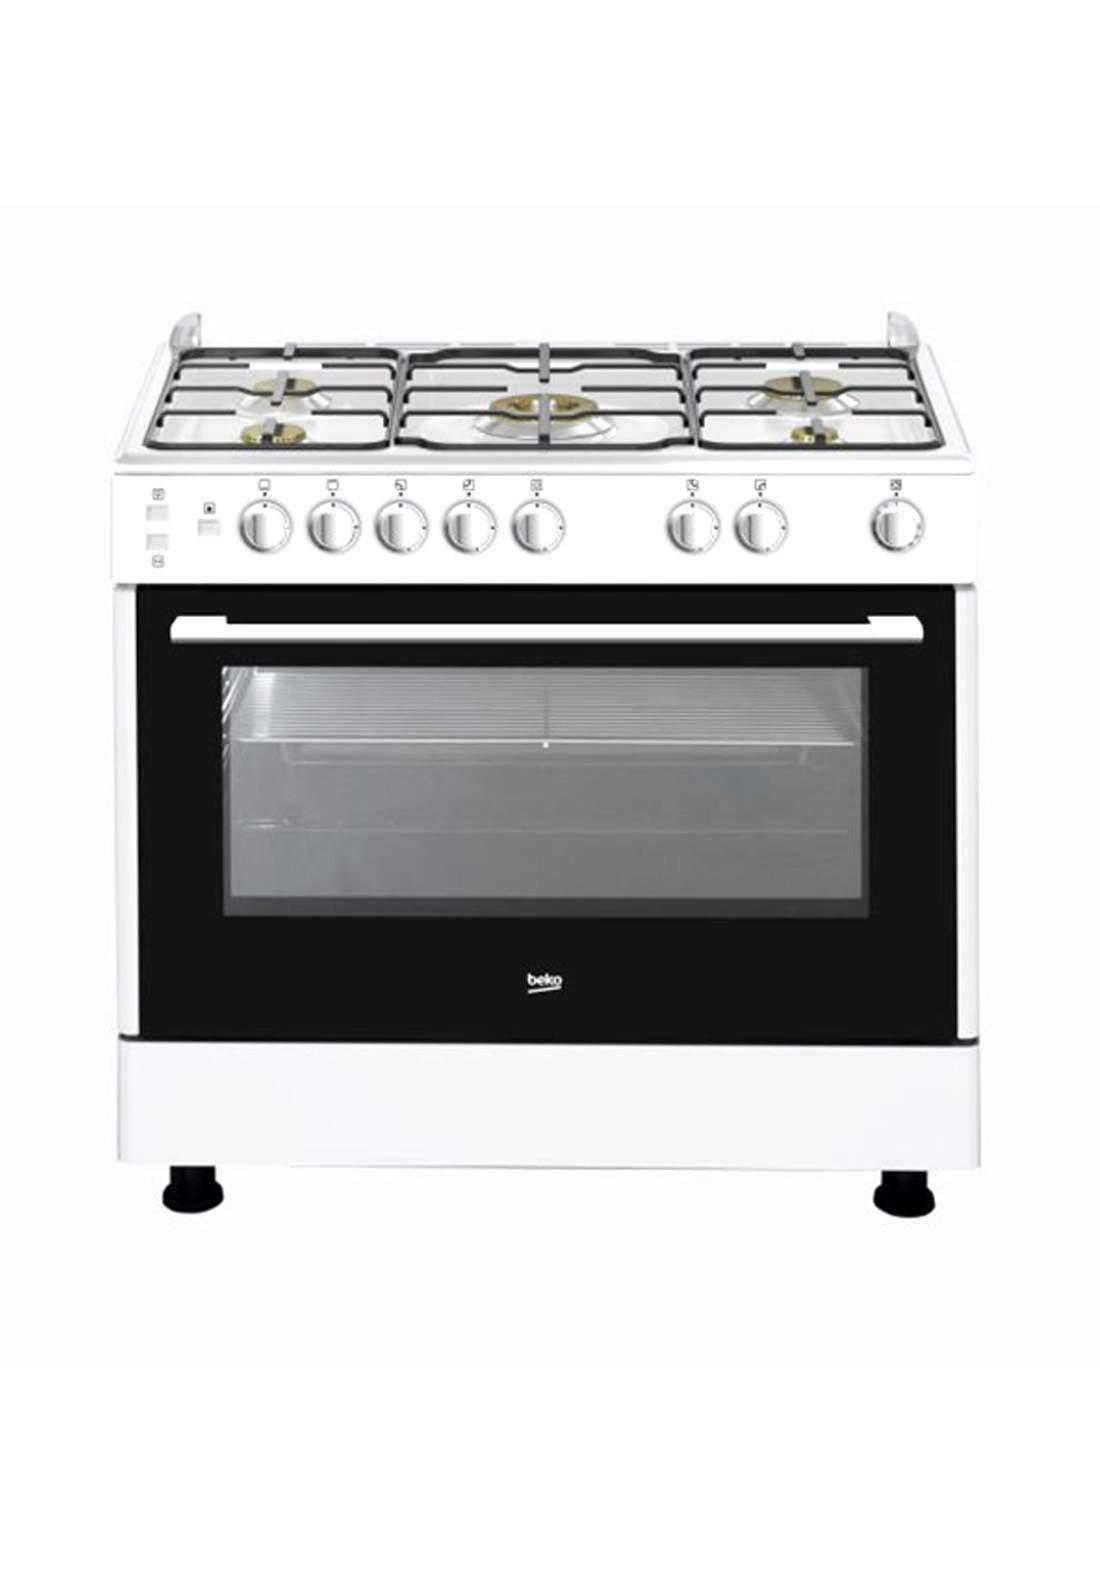 BEKO (GG 15117 CWYV)  5 Burner Gas Cooker - White طباخ